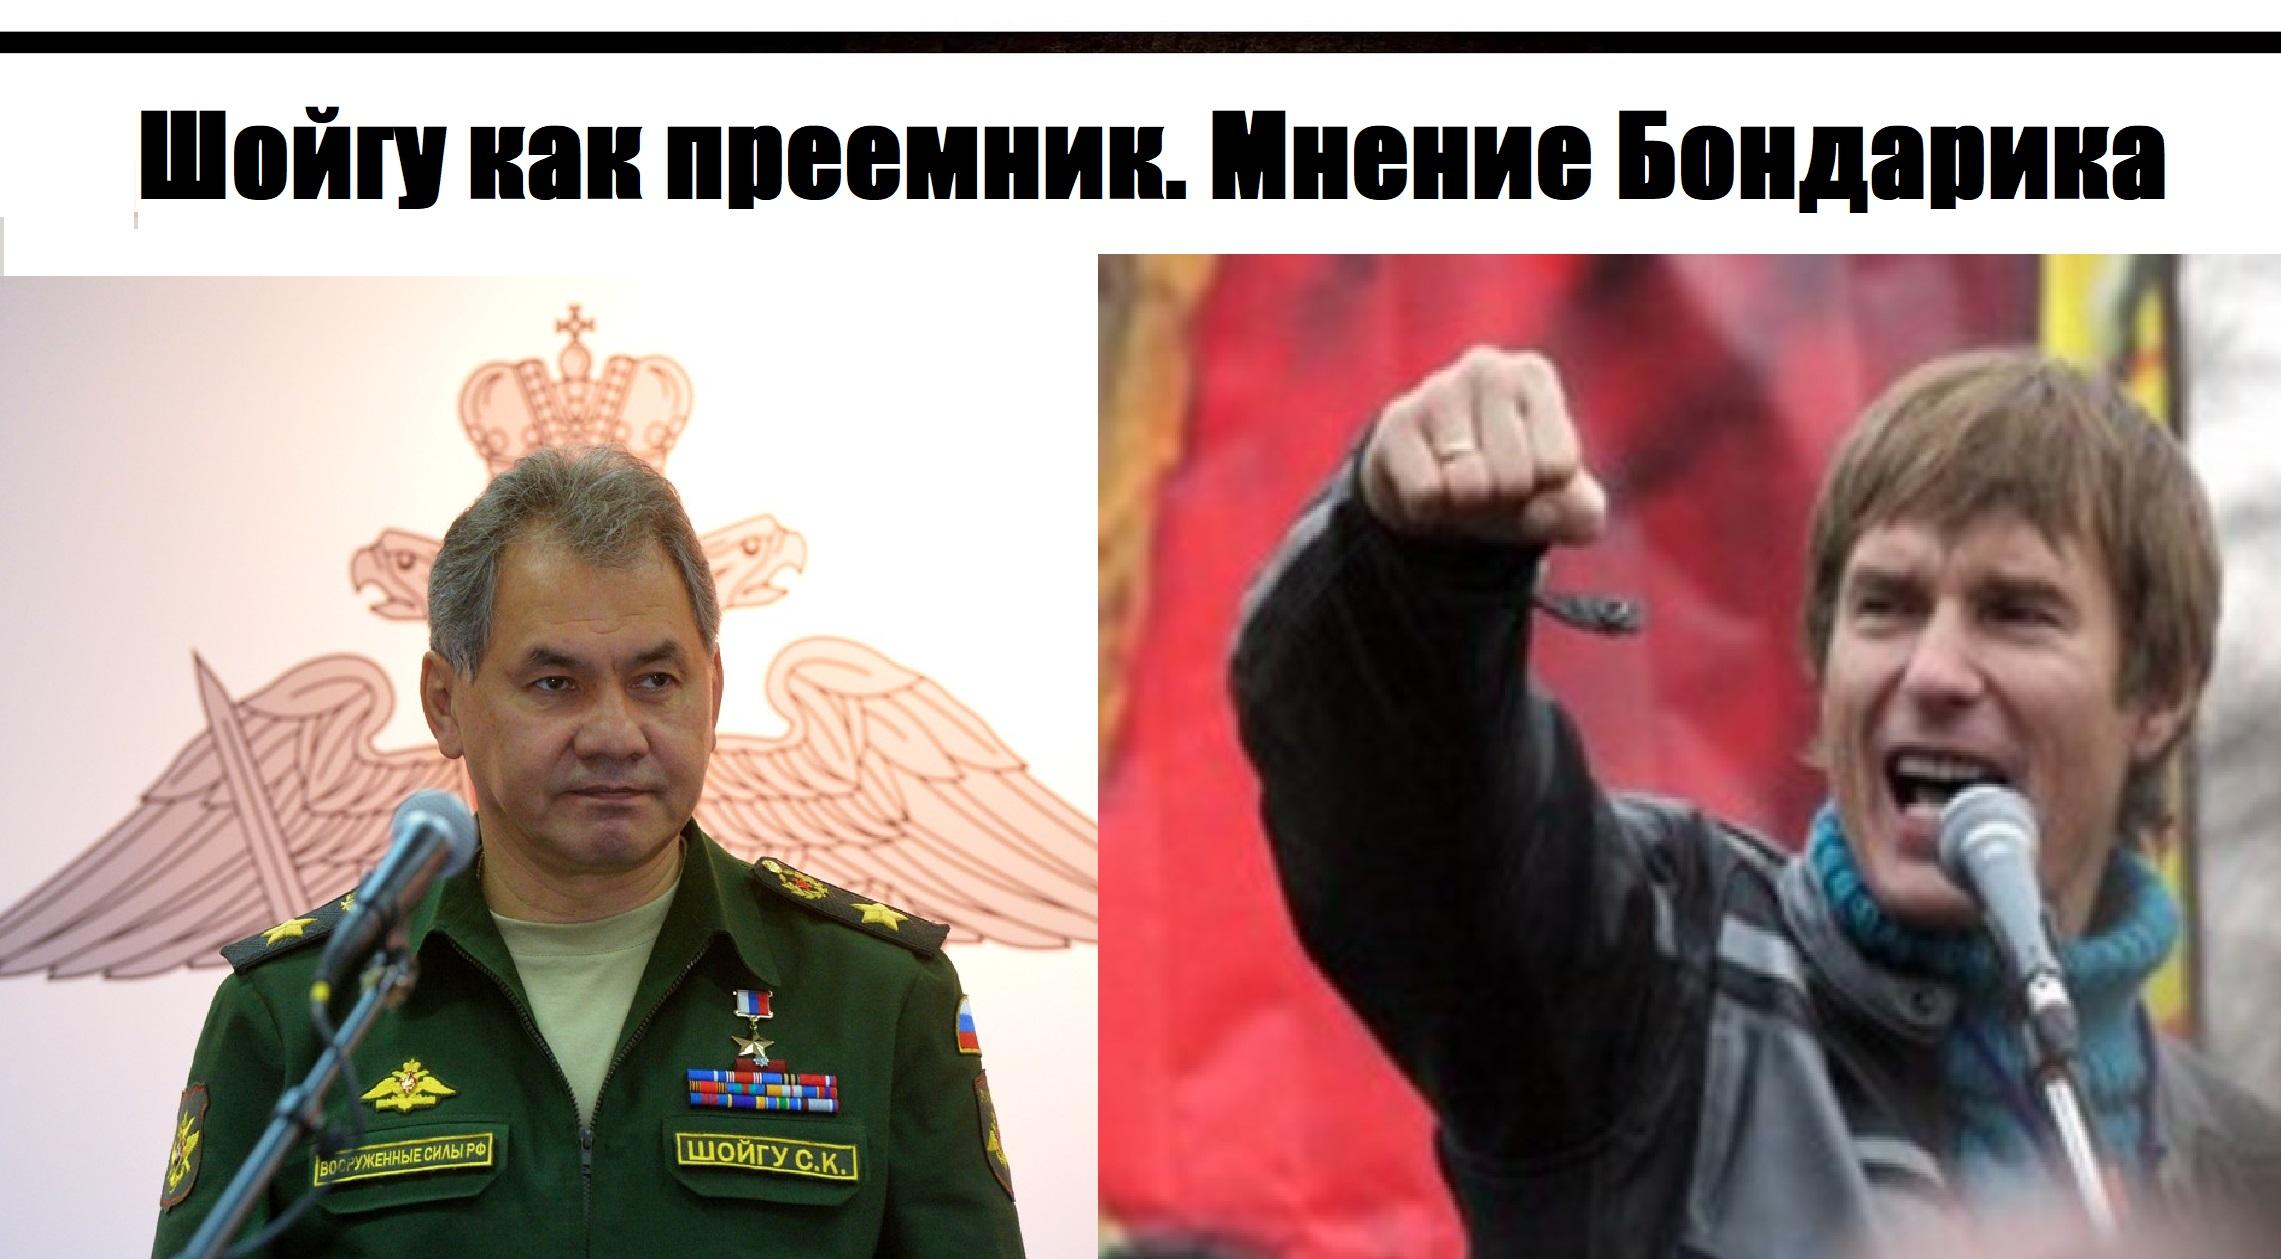 Шойгу преемник Путина